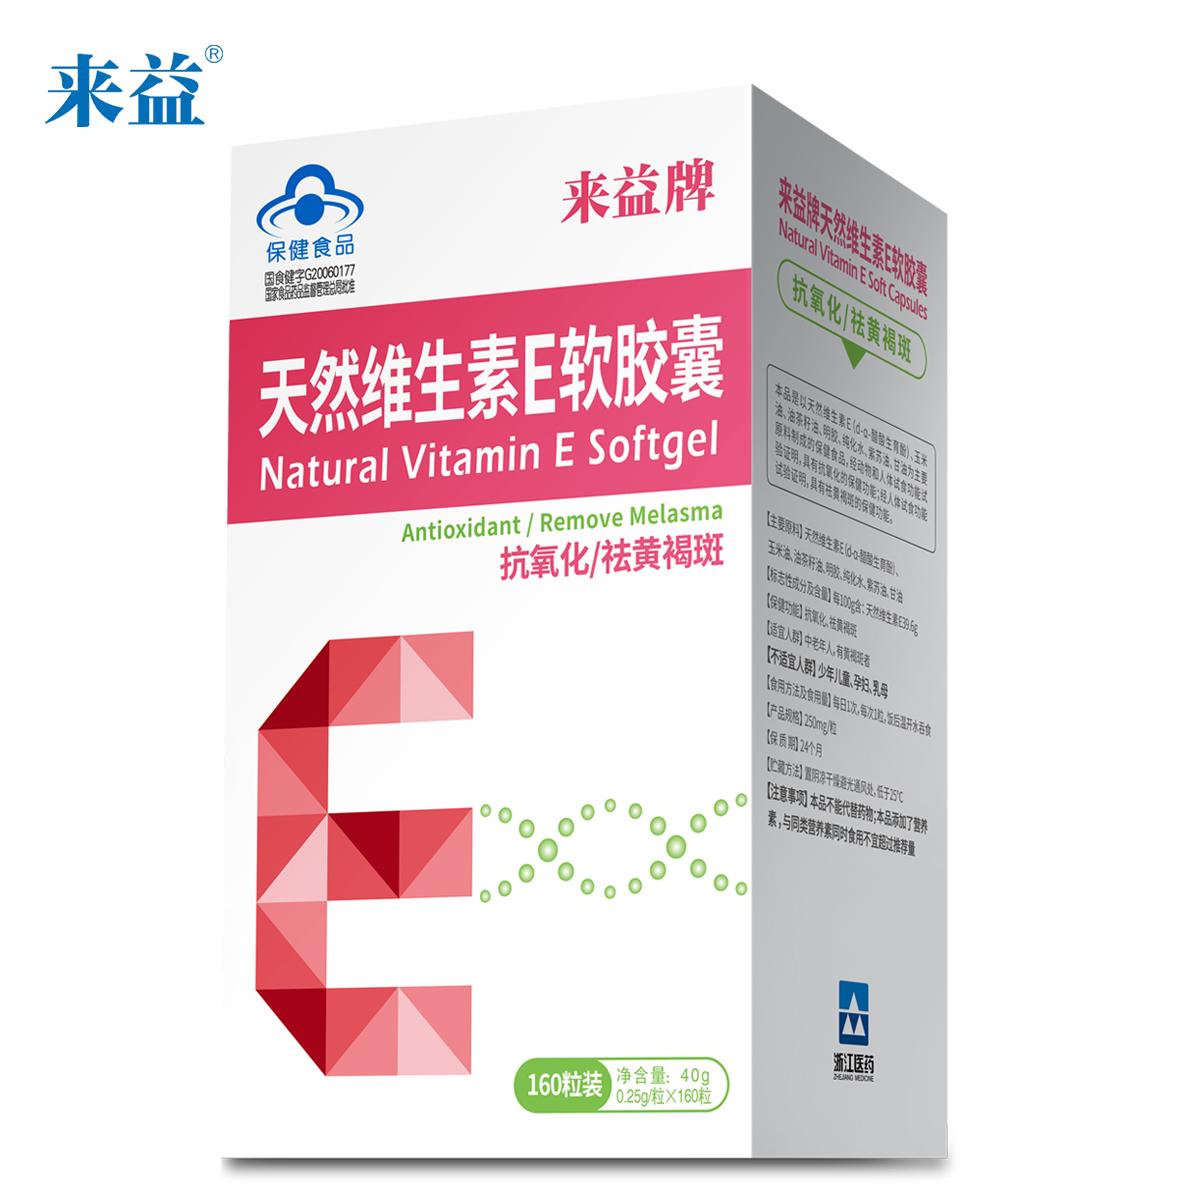 来益牌天然维生素E软胶囊 250mg-粒*160粒维e 生育酚 ve 送30粒VC